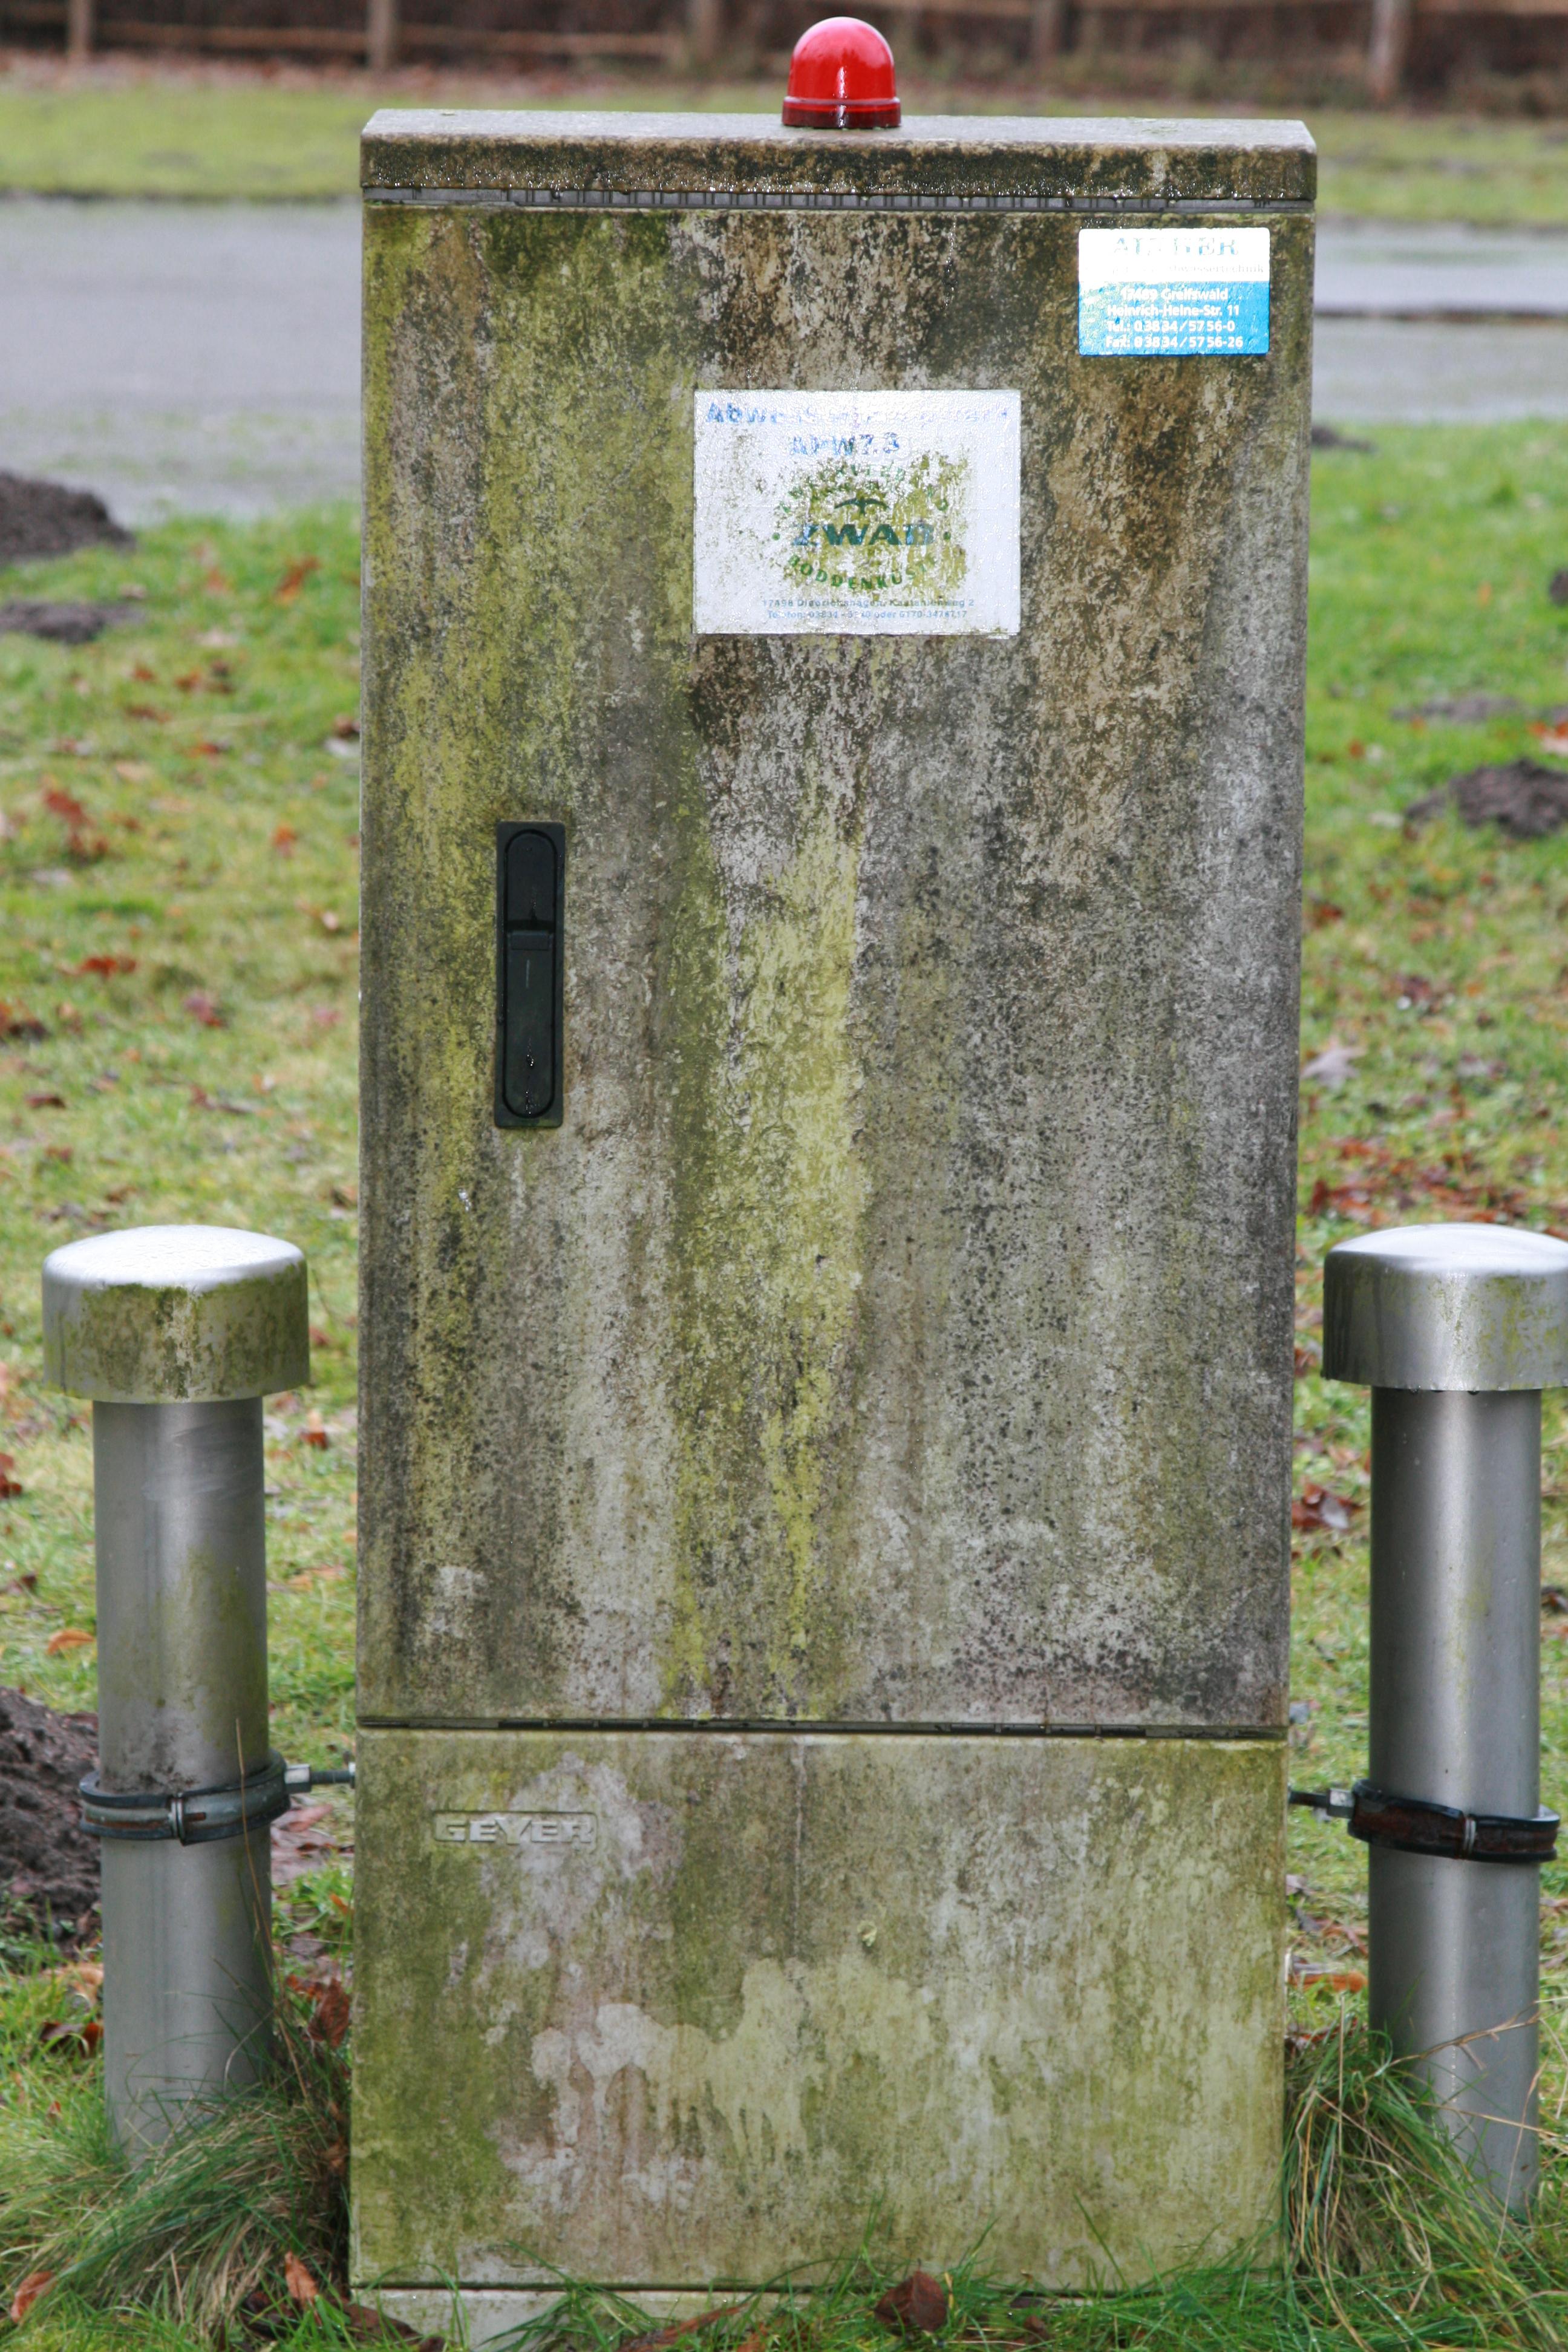 Elektroanschluss Abwasserpumpwerk - Anlagenalterung